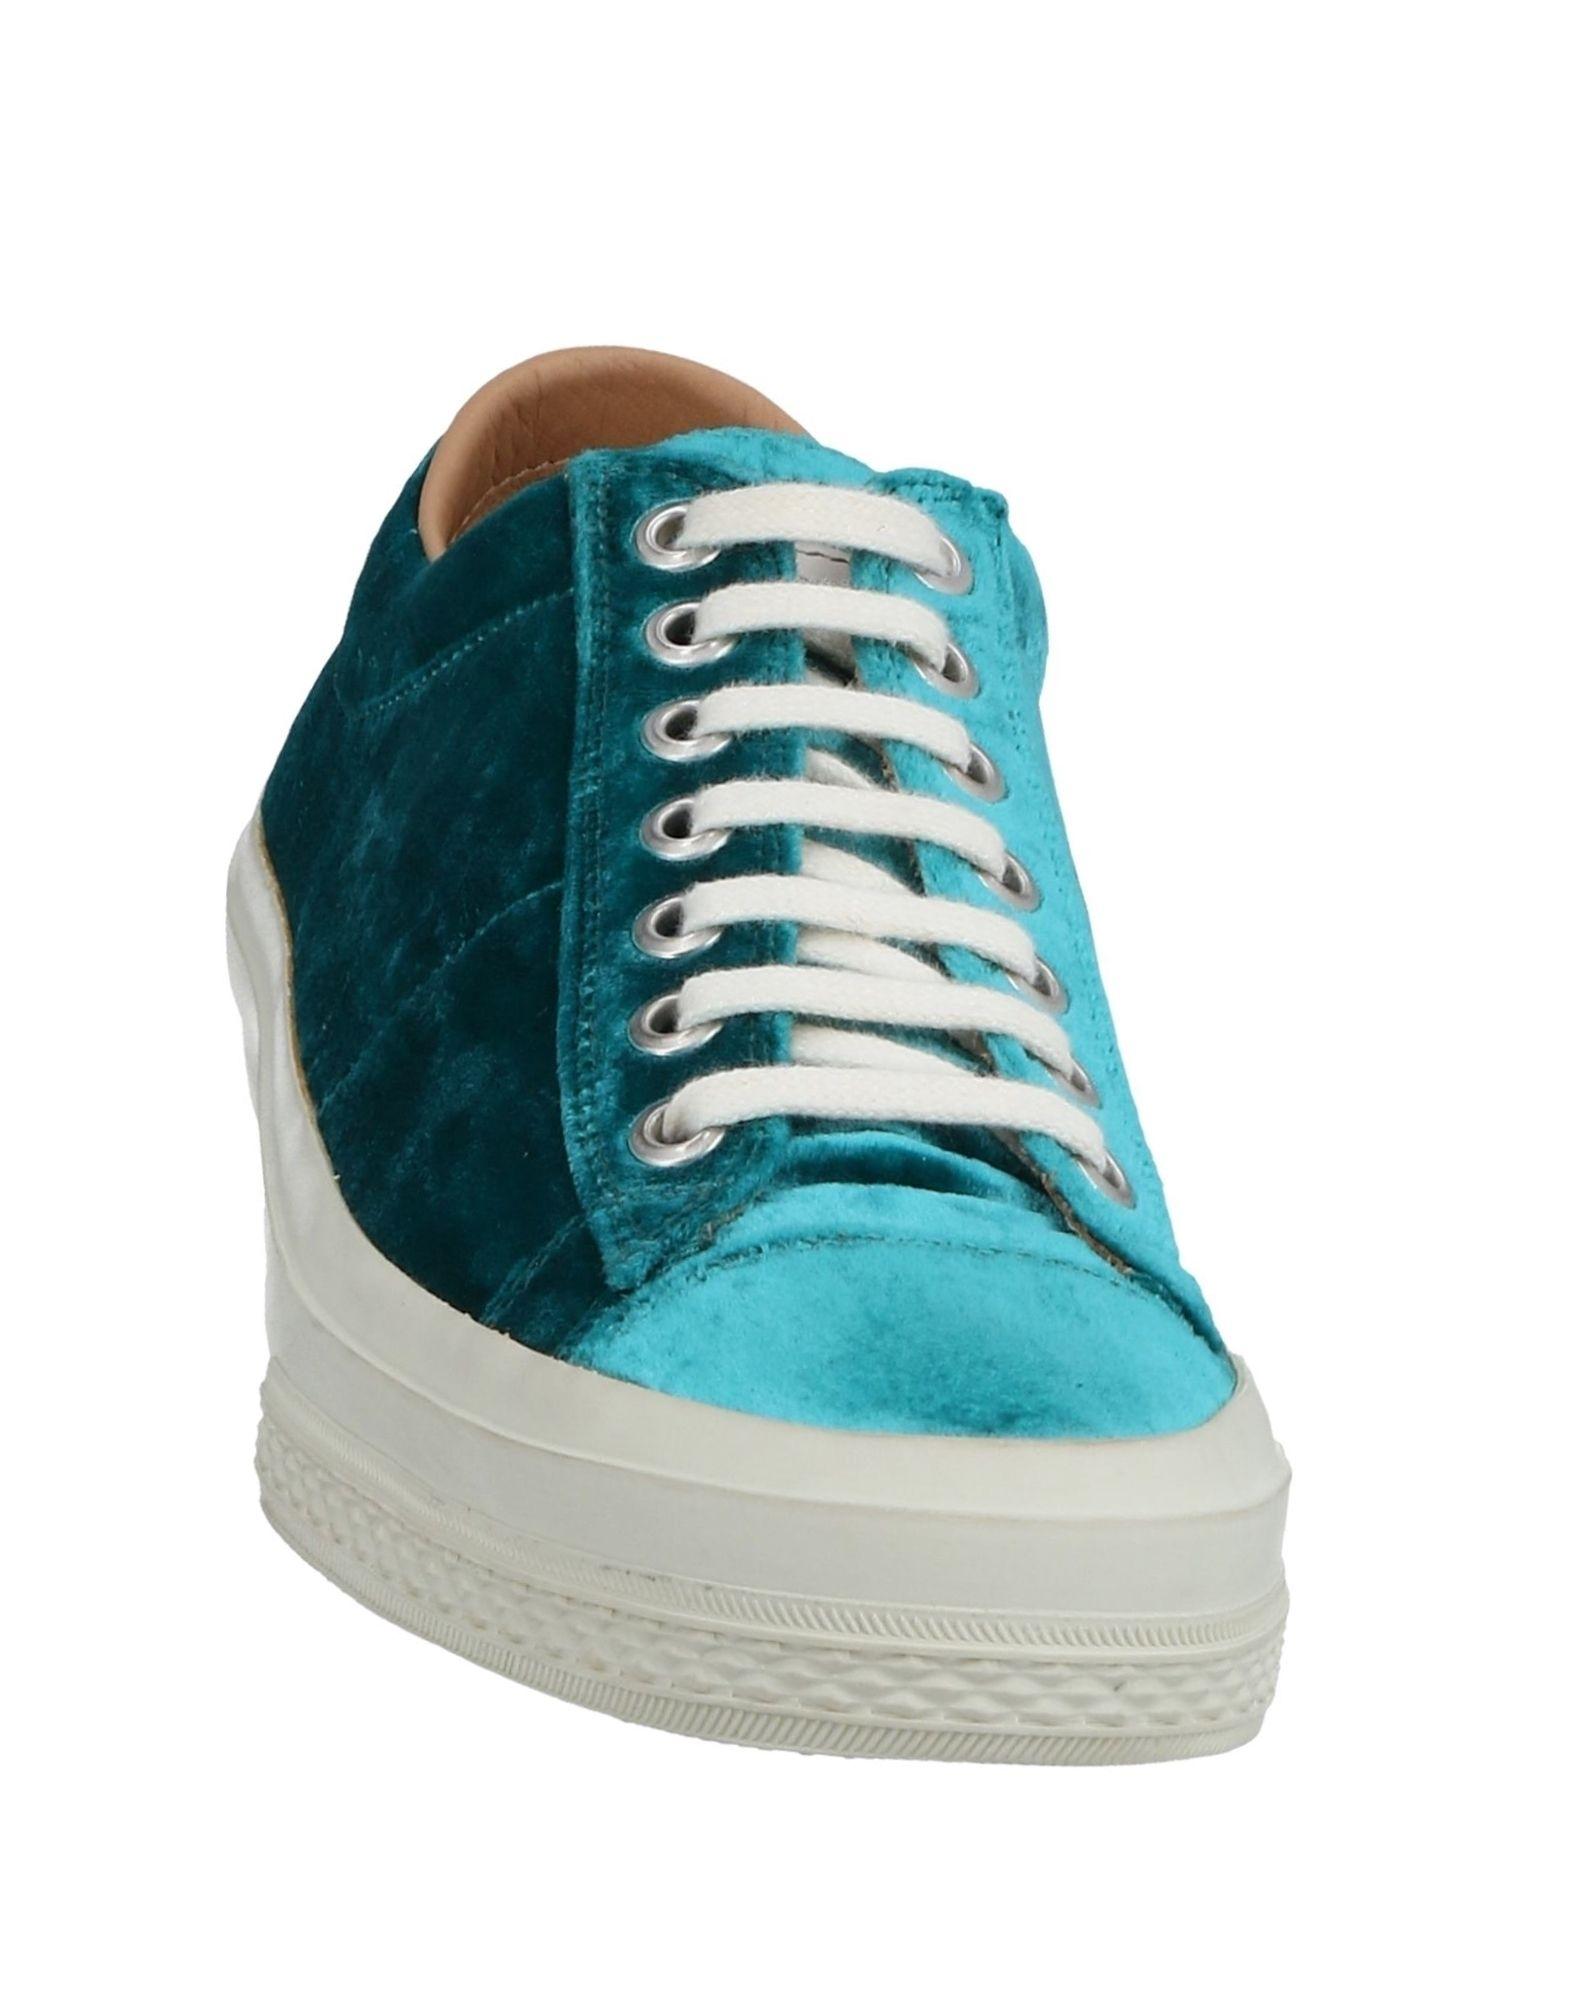 hot sale online 592e6 775f8 ... Dries Van Noten Sneakers - Women Dries Dries Dries Van Noten Sneakers  online on Canada -